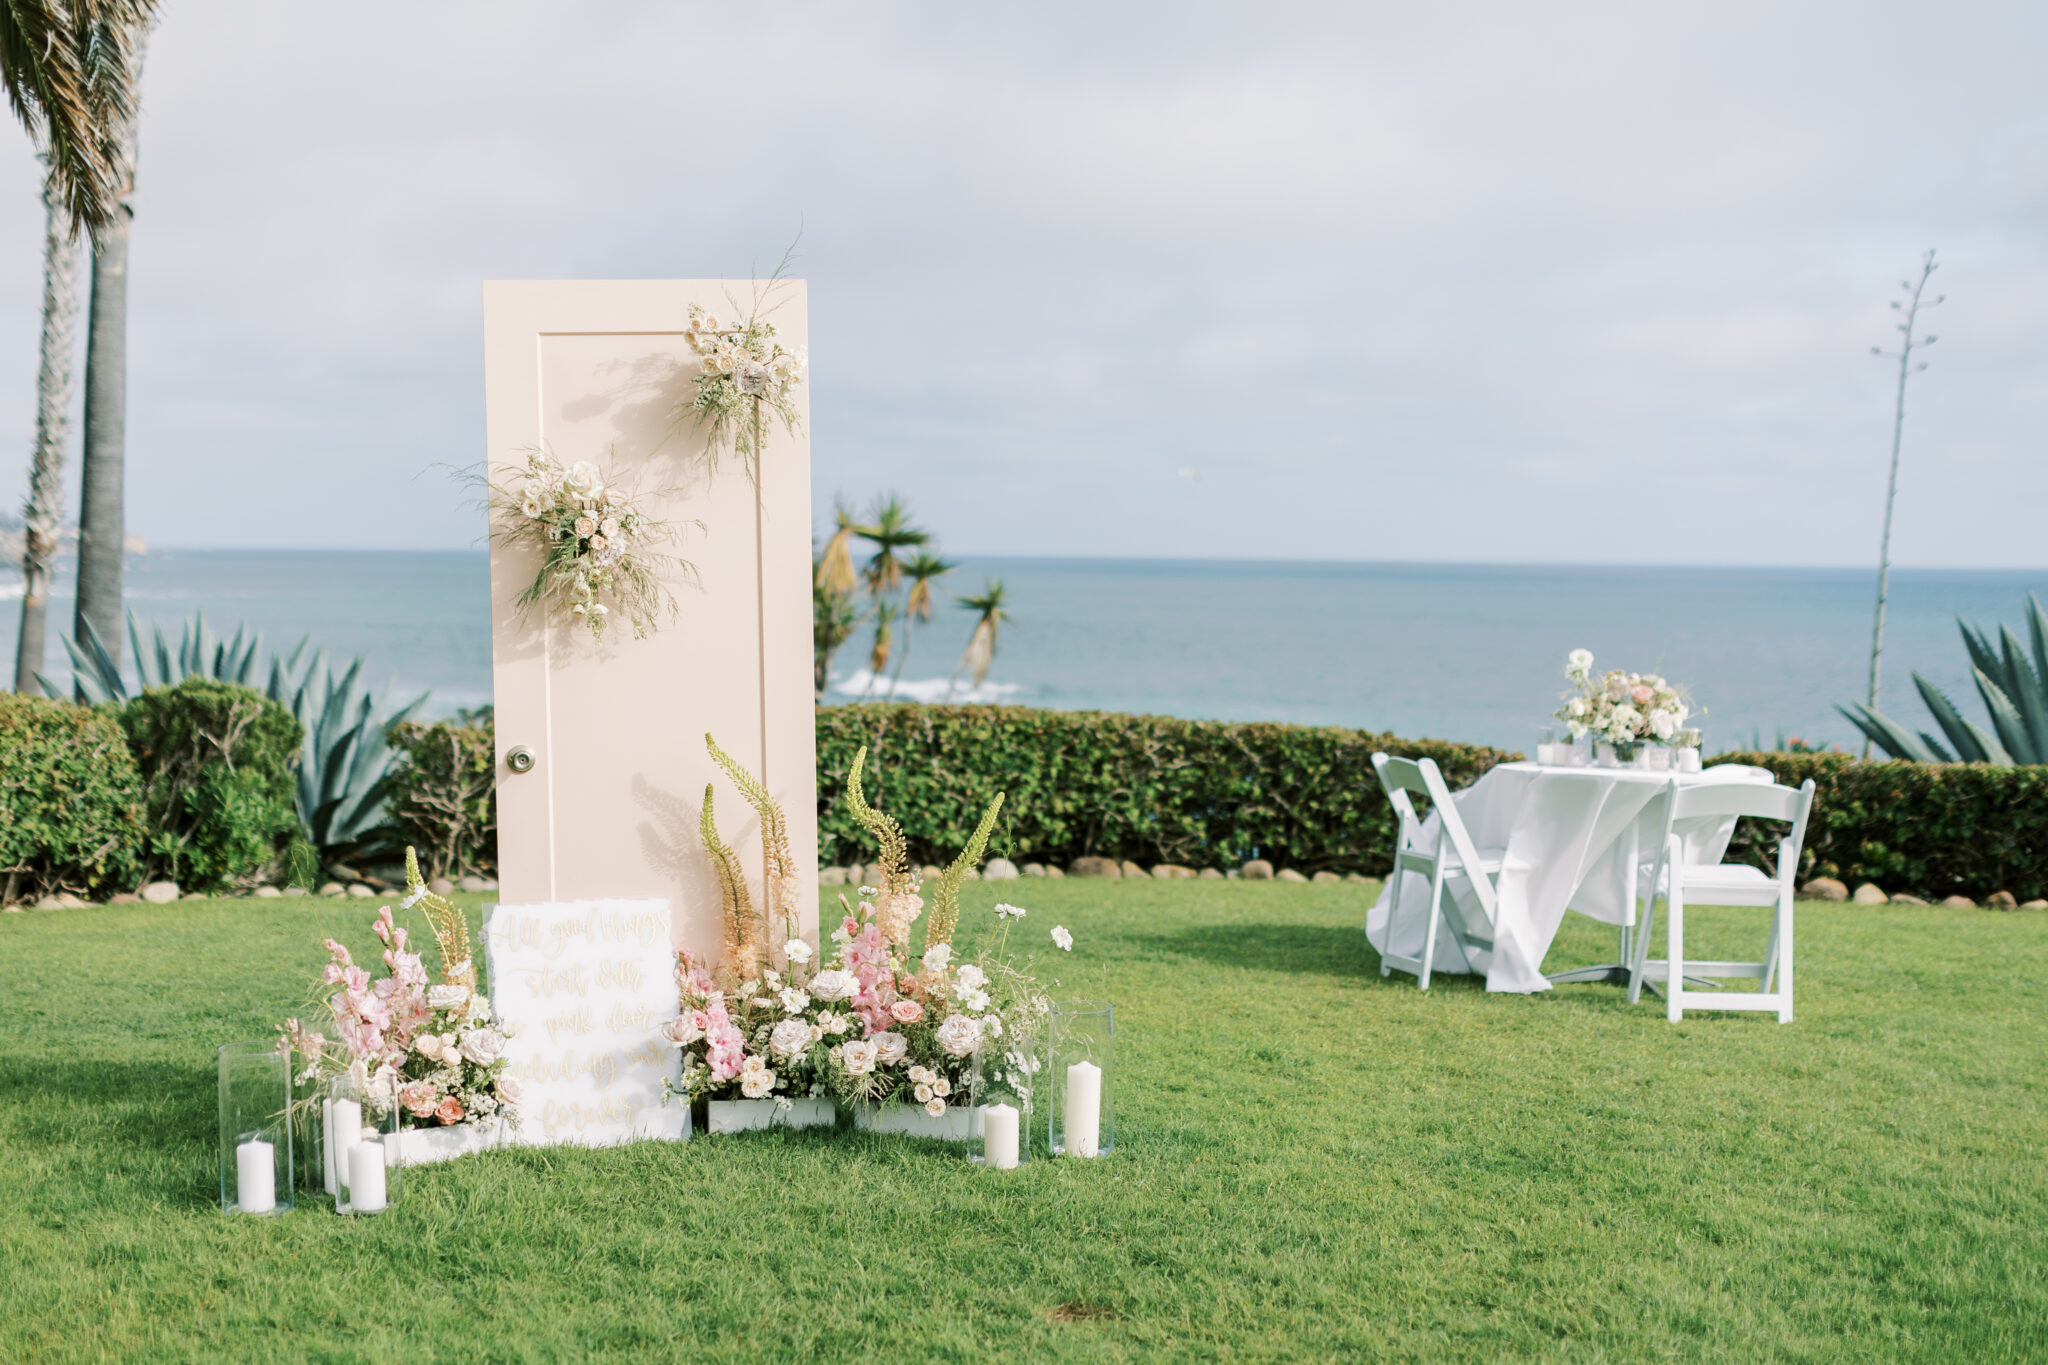 Marriage proposal pink door set up in laguna beach